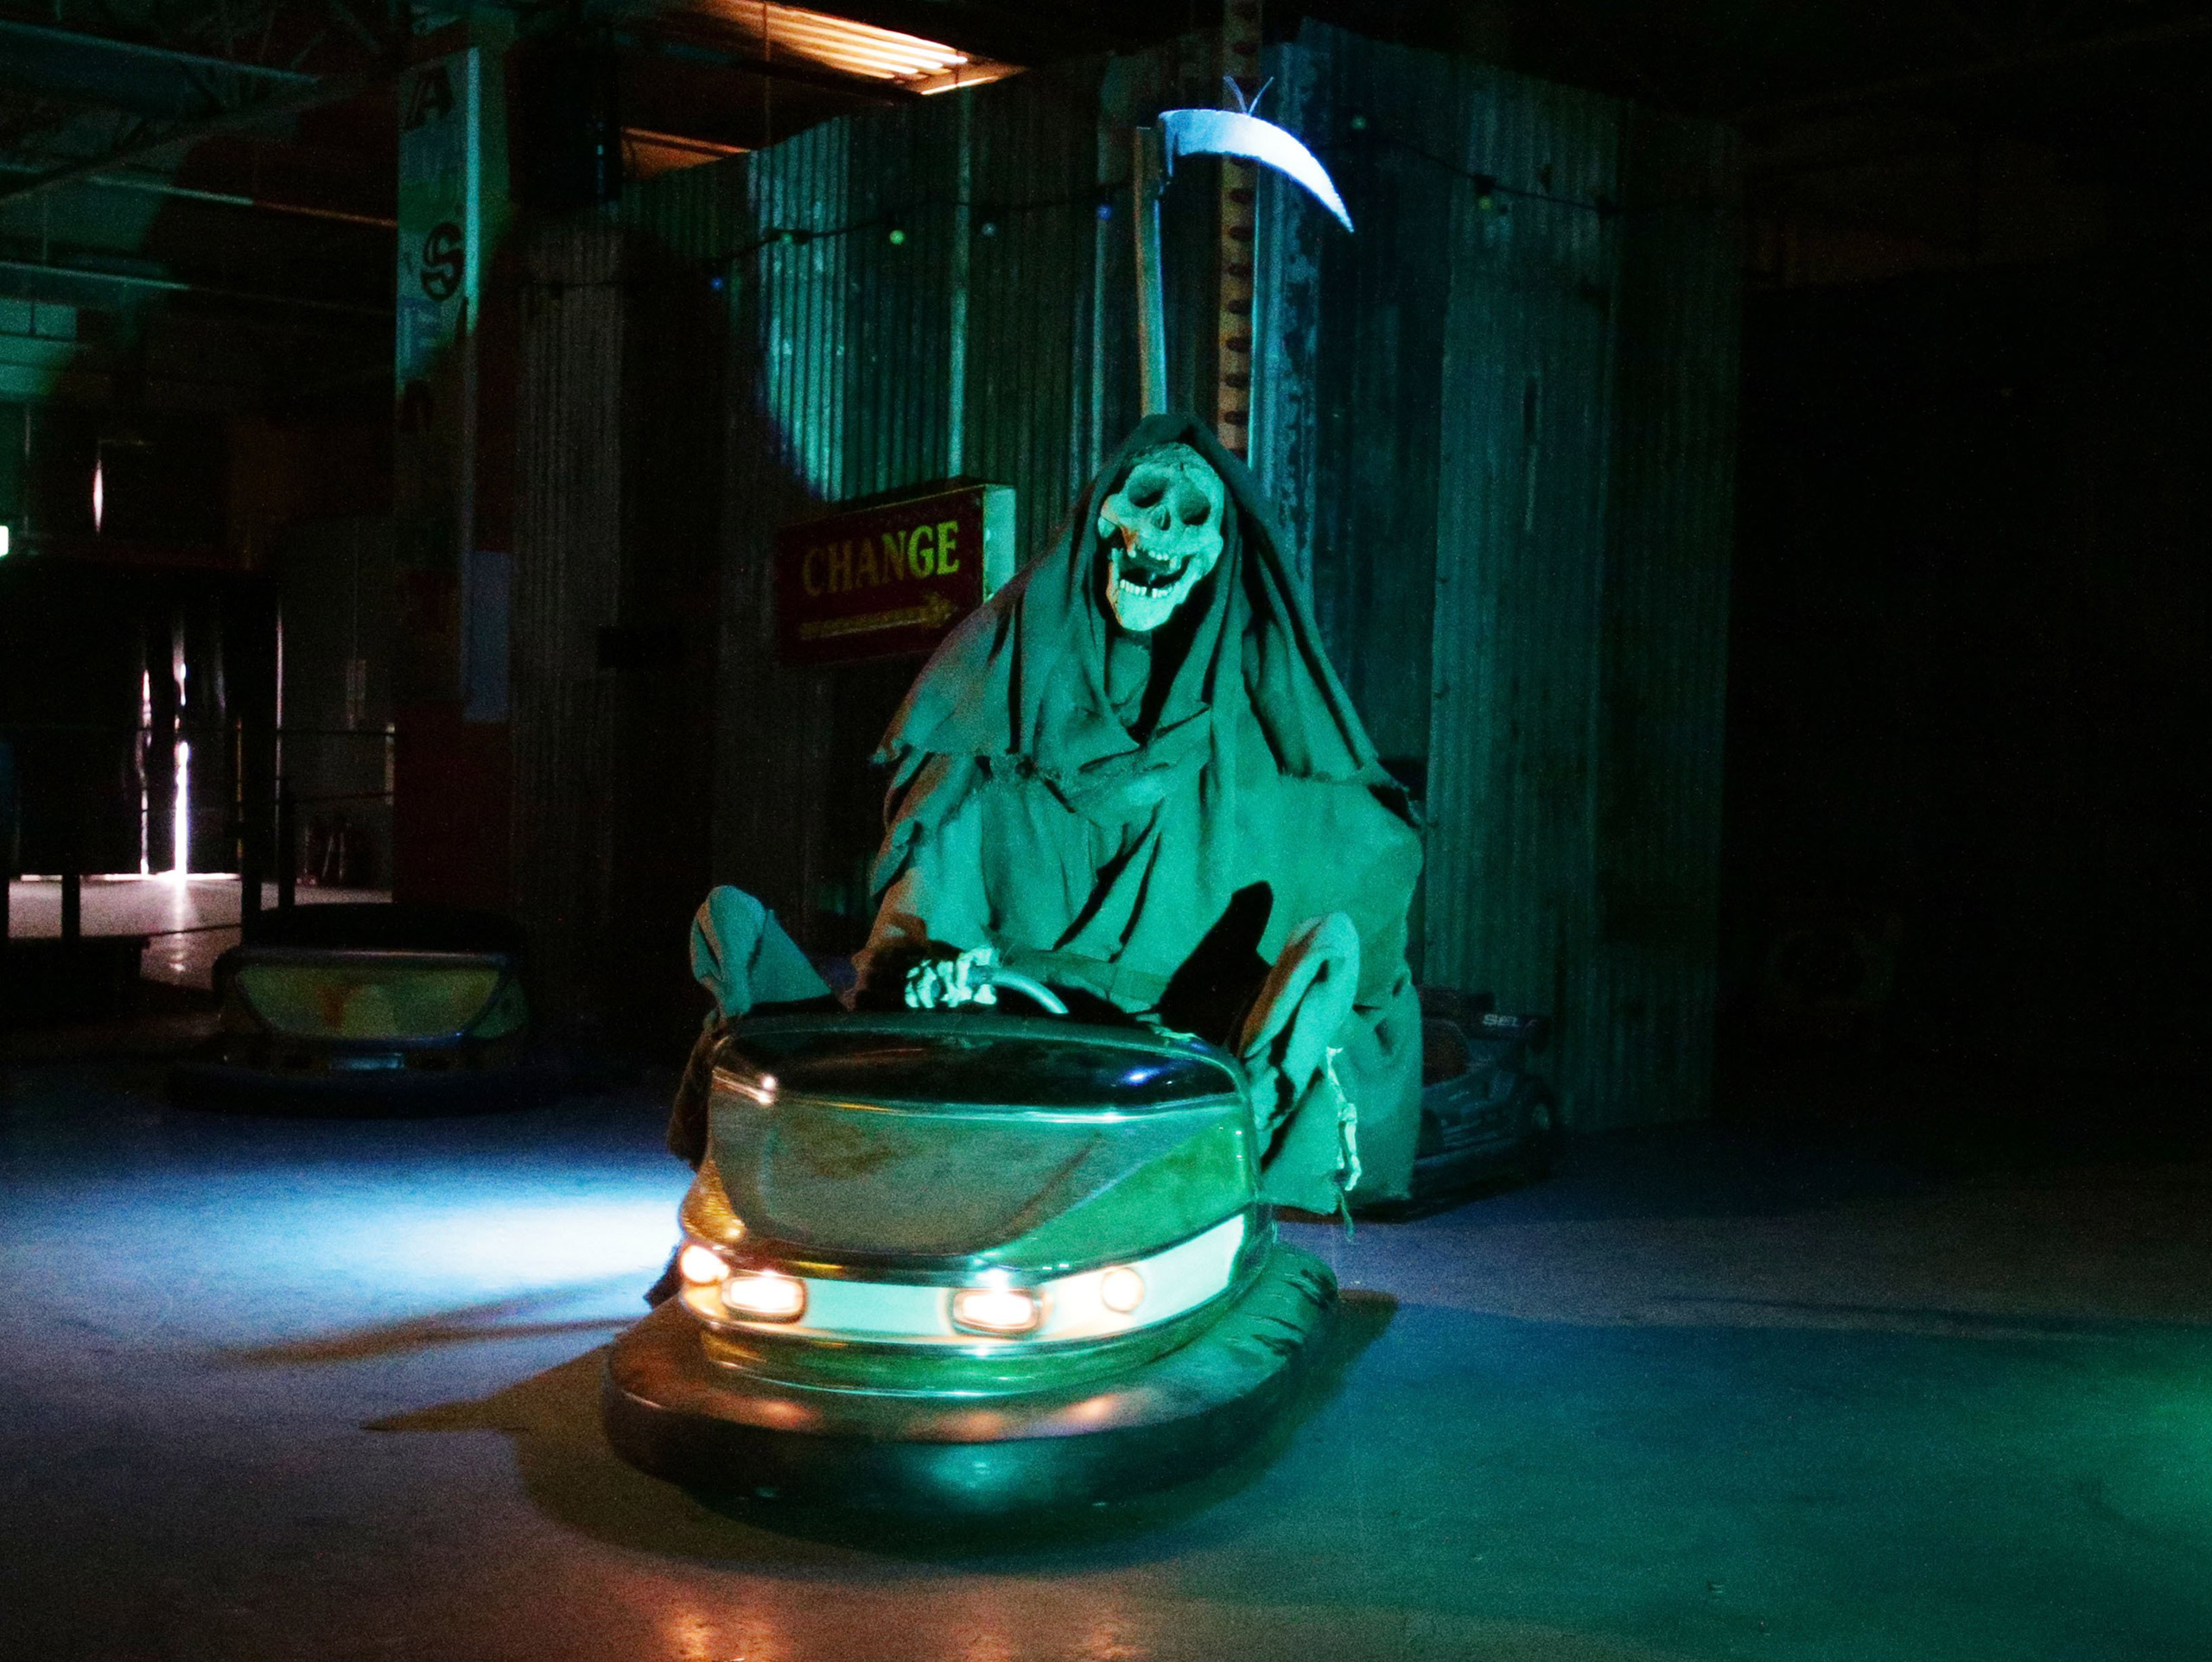 A sculpture of the grim reaper in a bumper car.